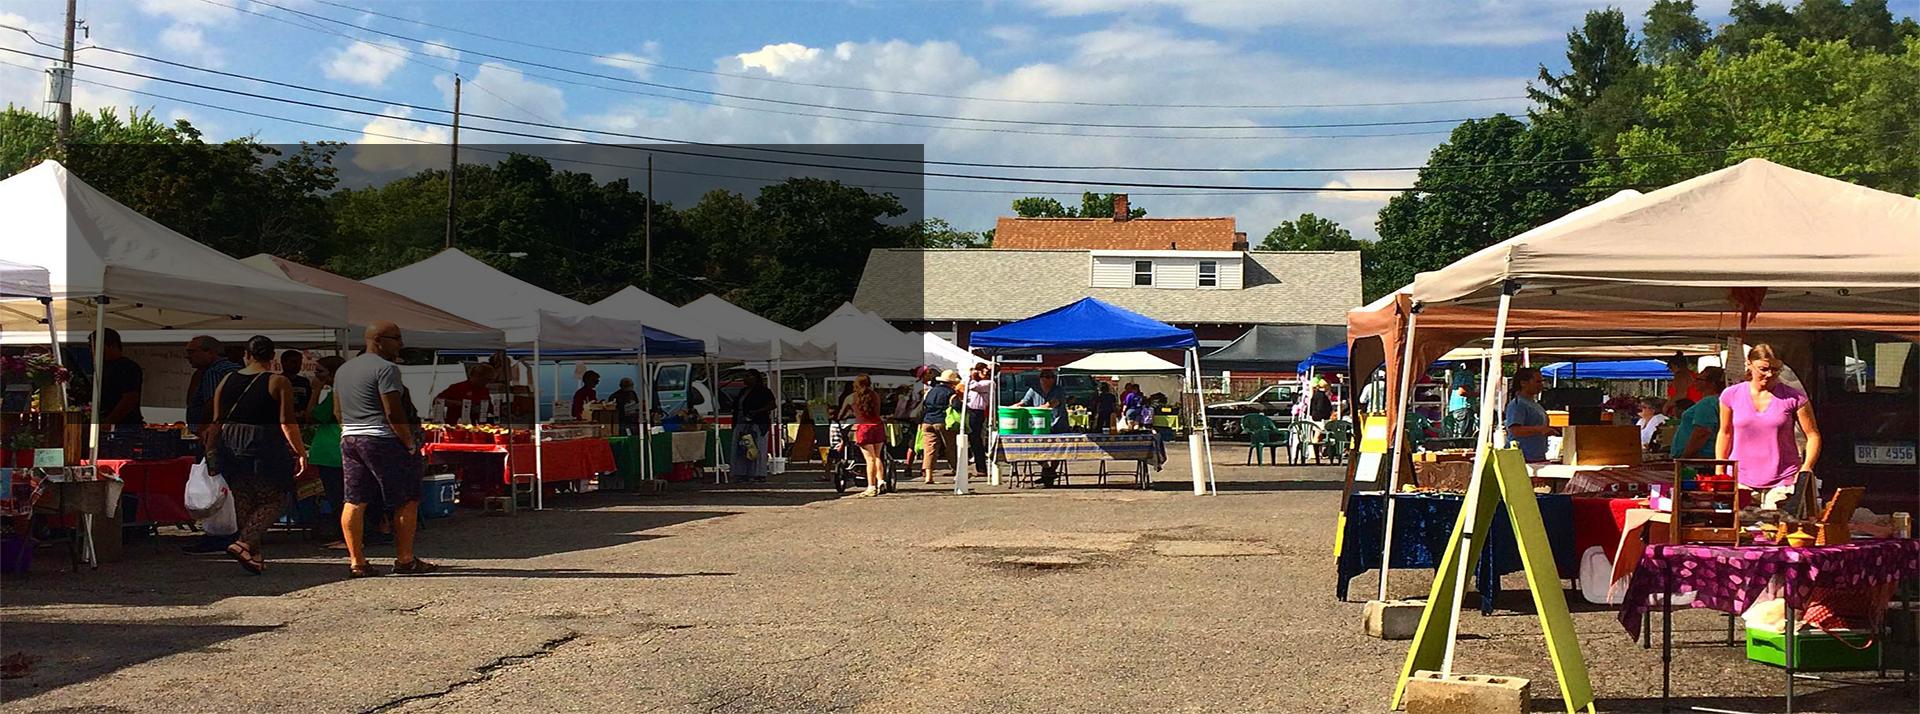 Visit our Farmers Market!